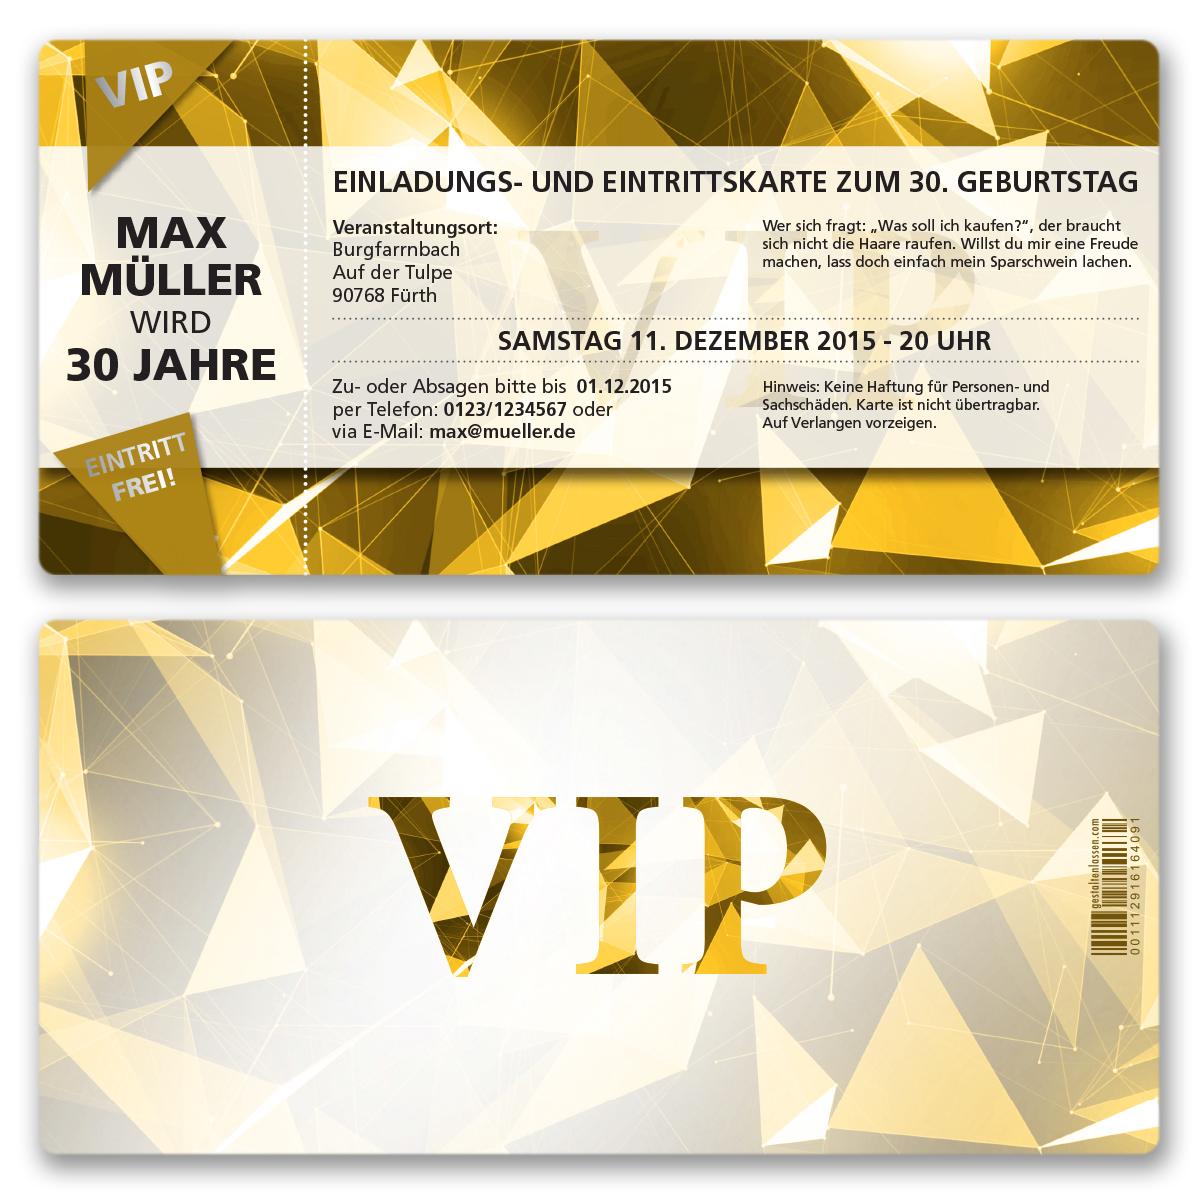 Exceptional Vip Einladungskarten Geburtstag #11: Einladungskarten Zum Geburtstag VIP Karte Ticket Einladung Edel